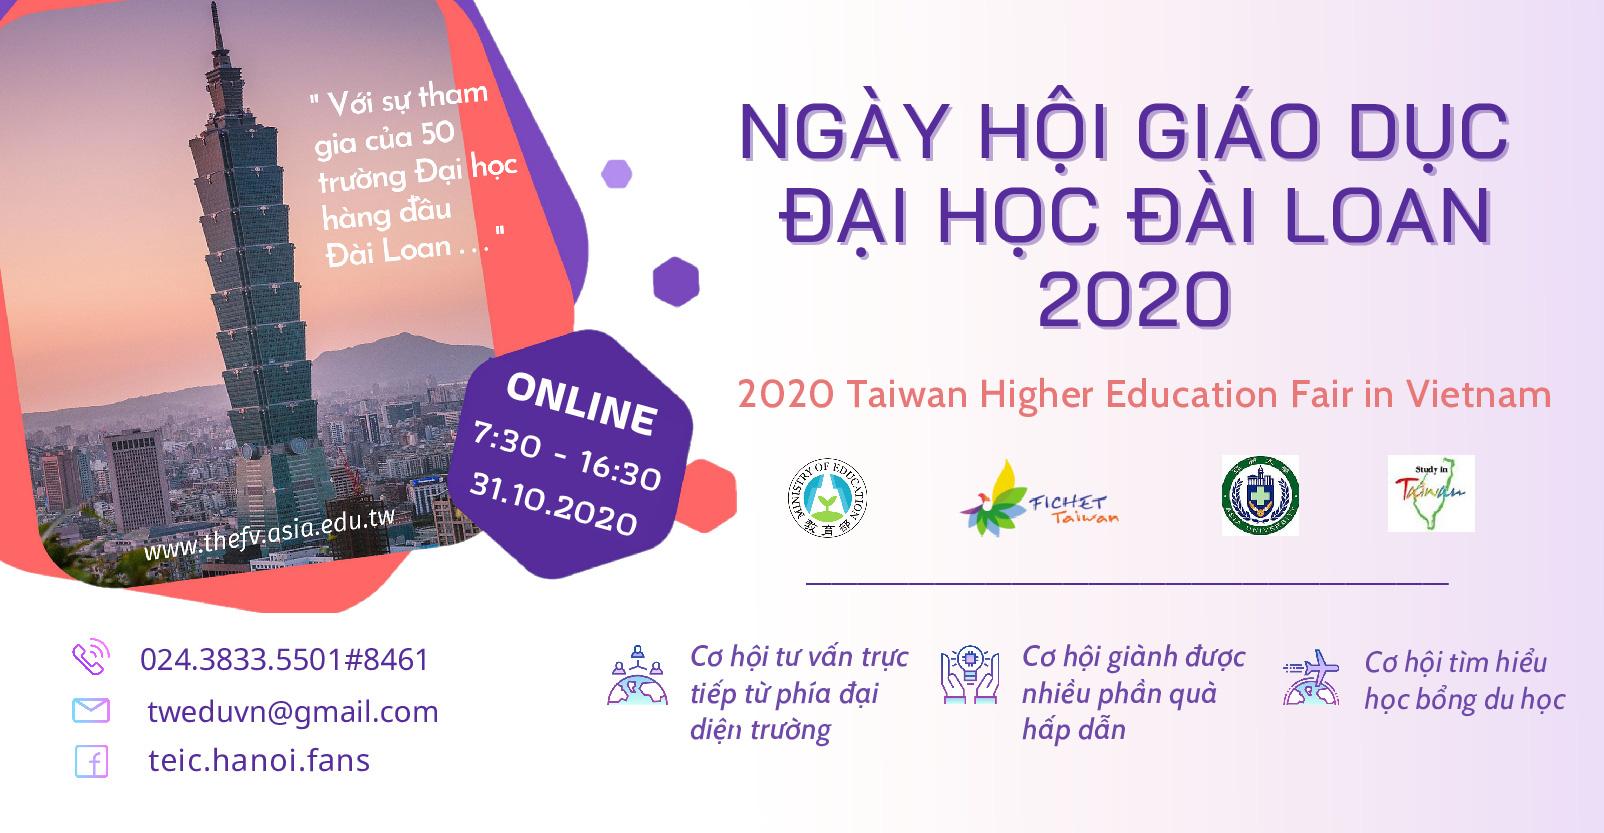 Ngày hội Giáo dục Đại học trực tuyến Đài Loan năm 2020 - Ảnh 1.